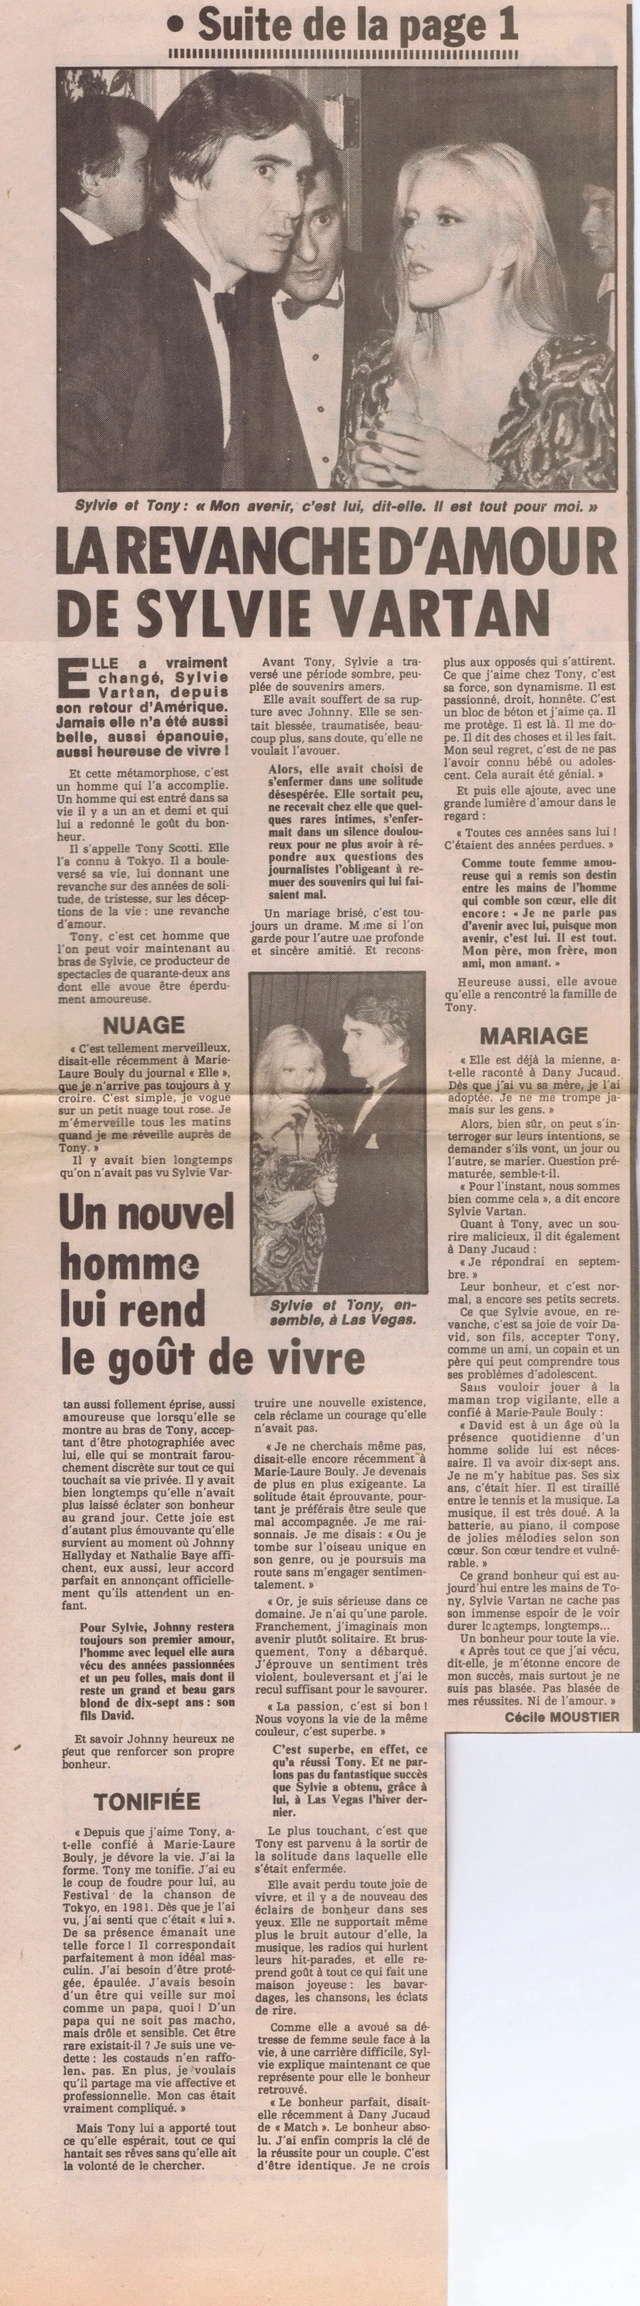 """Discographie N° 39 (COMPLEMENT) """"LA PREMIERE FOIS QU'ON S'AIMERA"""" - Page 2 France55"""